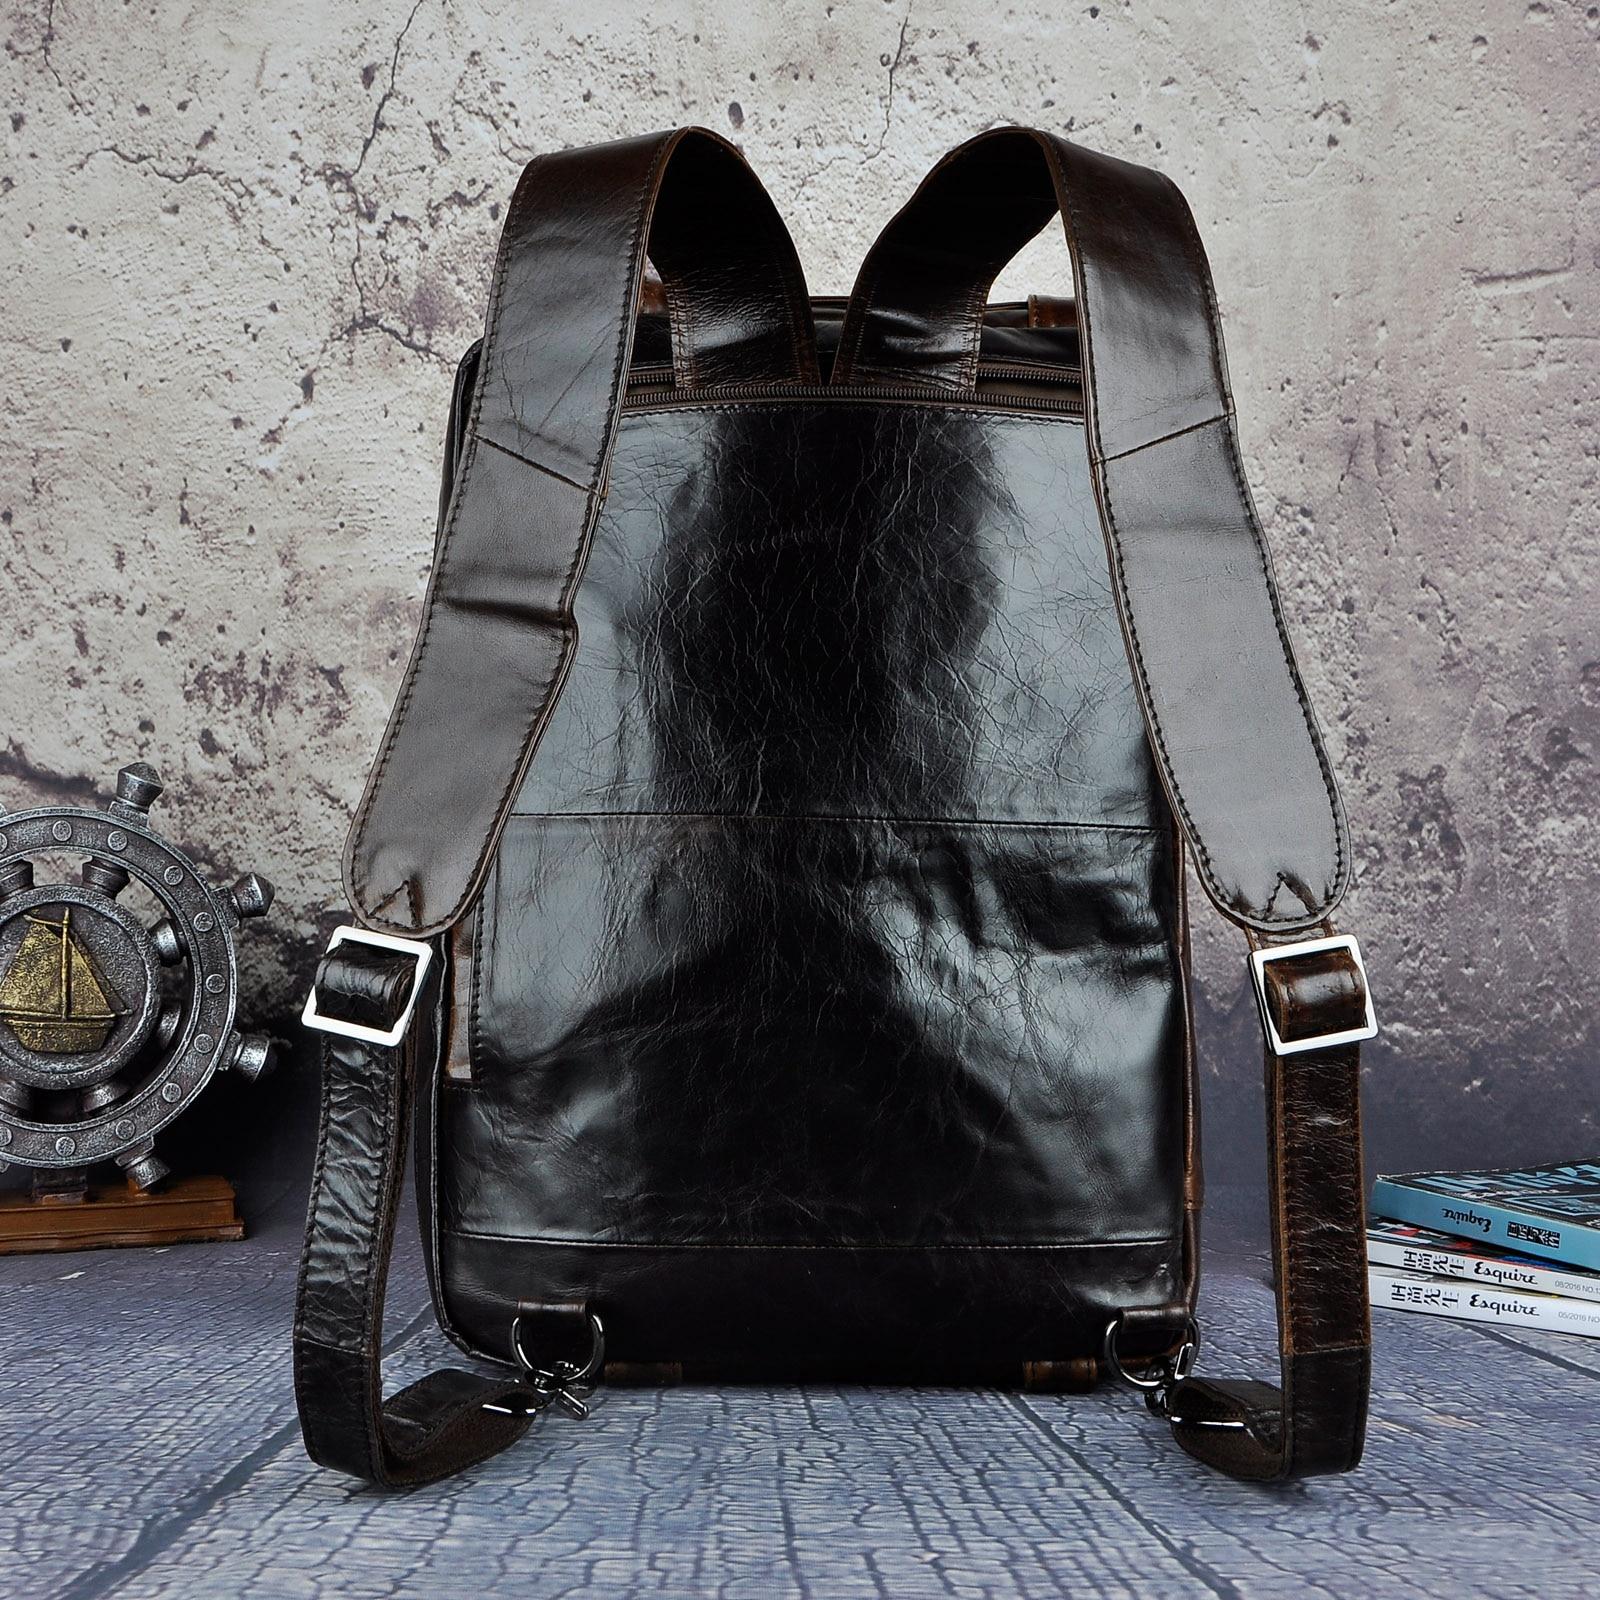 Véritable en cuir véritable mode mallette d'affaires Messenger sac mâle Design voyage ordinateur portable porte-documents fourre-tout portefeuille sac k1013c - 4